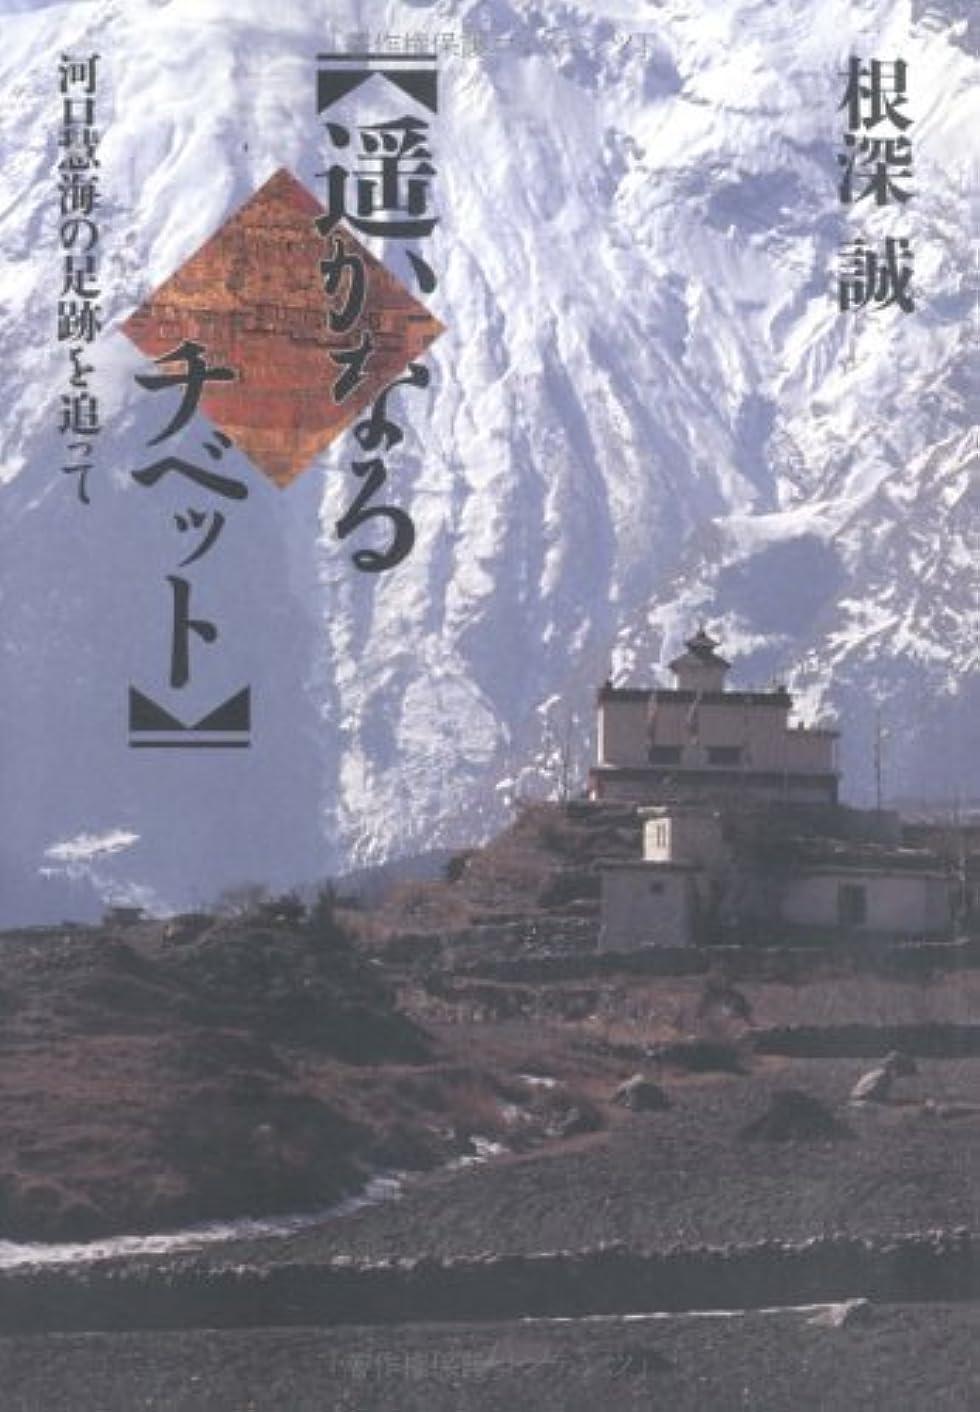 建てる繰り返すアート遥かなるチベット―河口慧海の足跡を追って